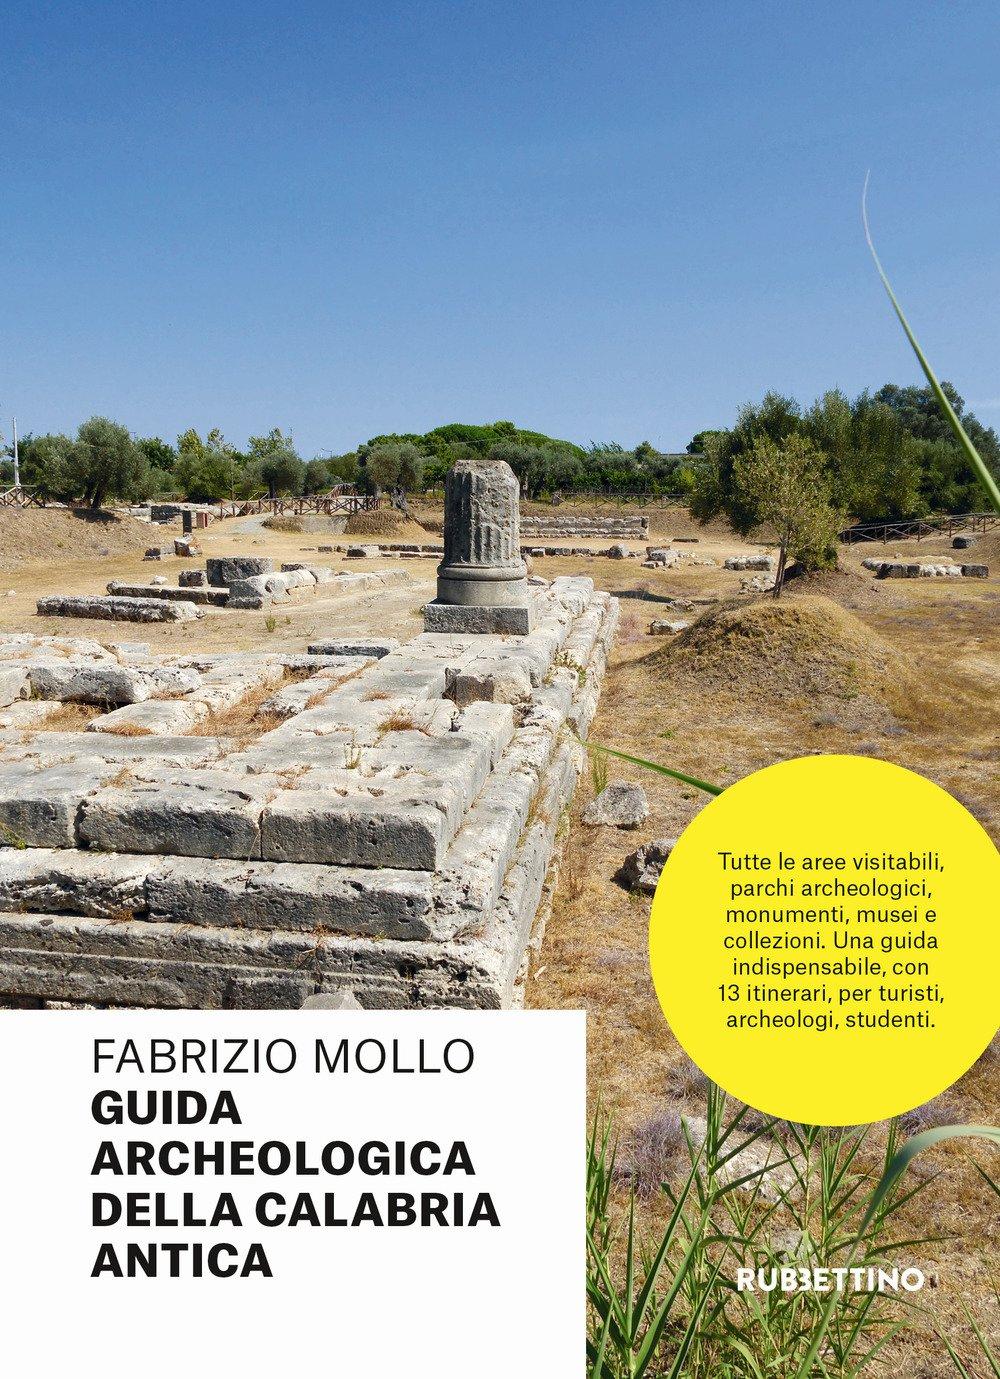 Guida archeologica della Calabria antica Copertina flessibile – 9 lug 2018 Fabrizio Mollo Rubbettino 8849853939 Antica Grecia